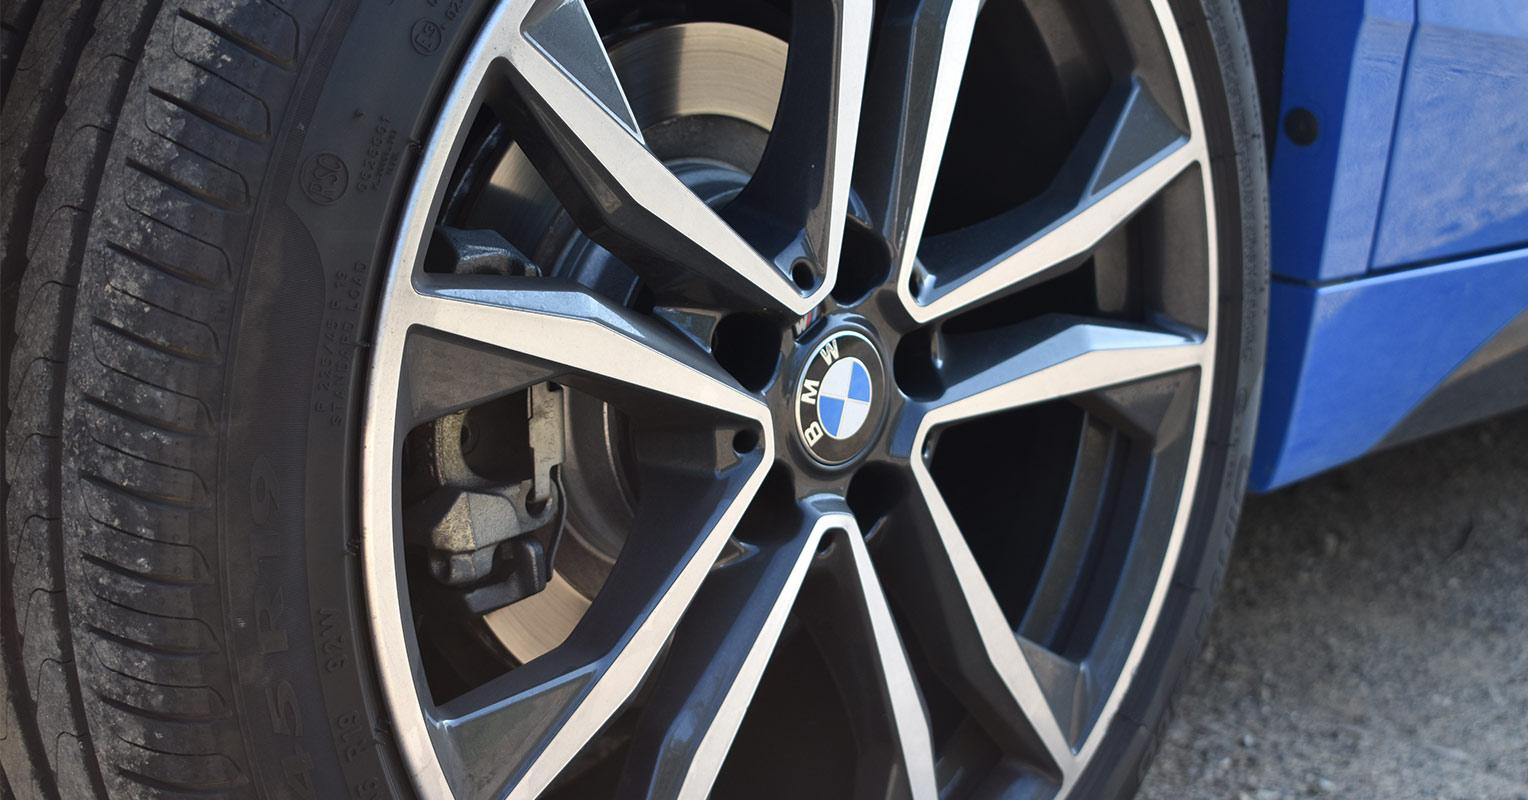 Llantas de aleación del BMW X2